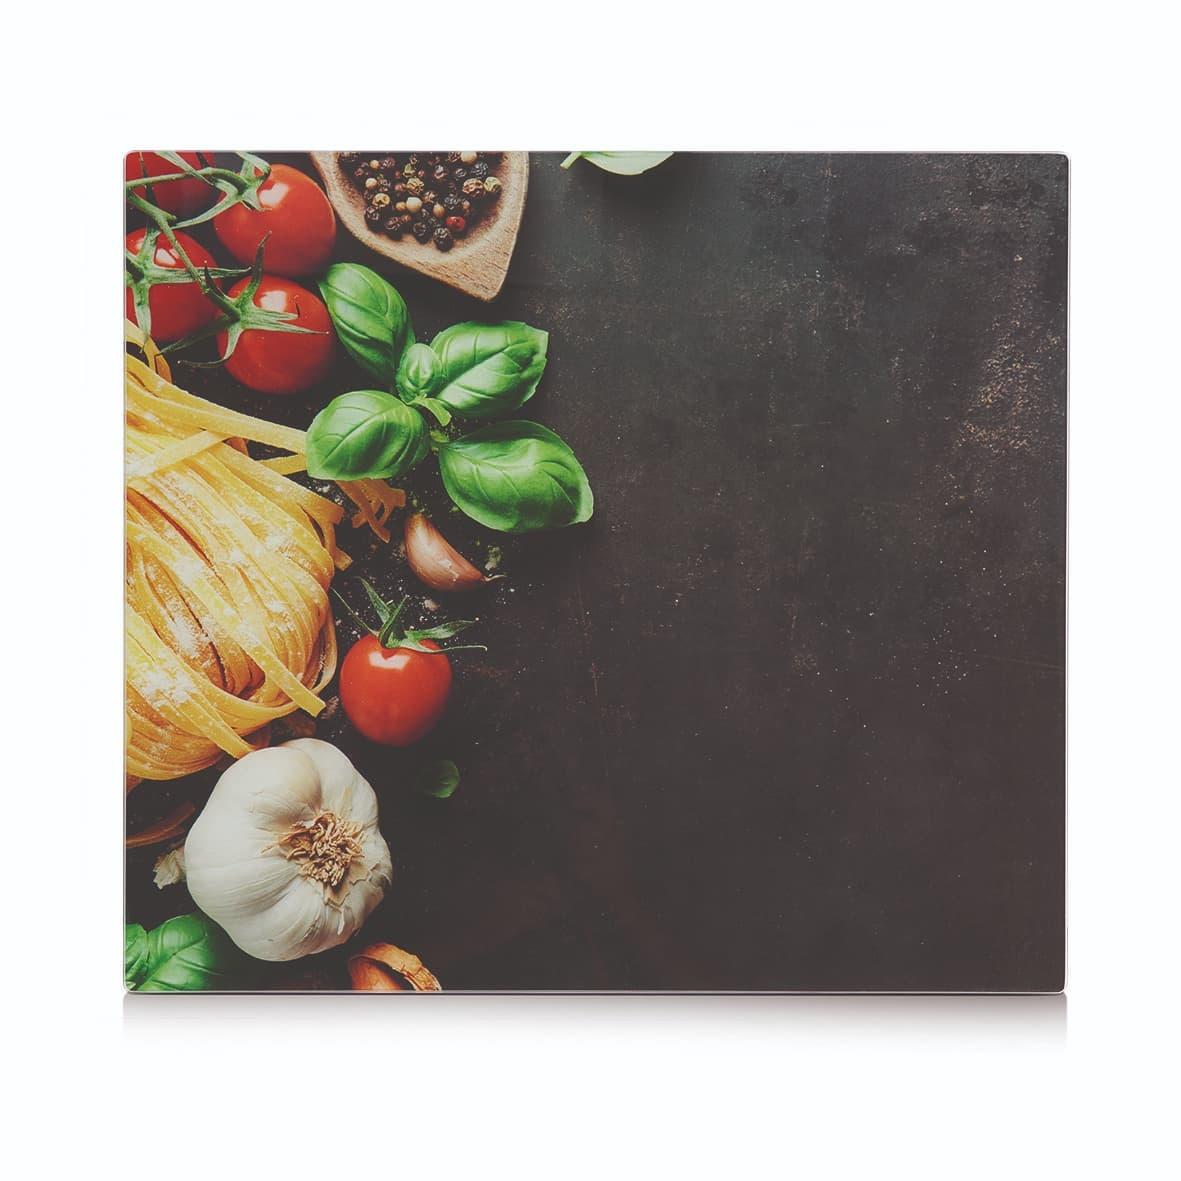 Placa din sticla protectie perete/plita, Pasta Multicolor, L56xl50 cm poza